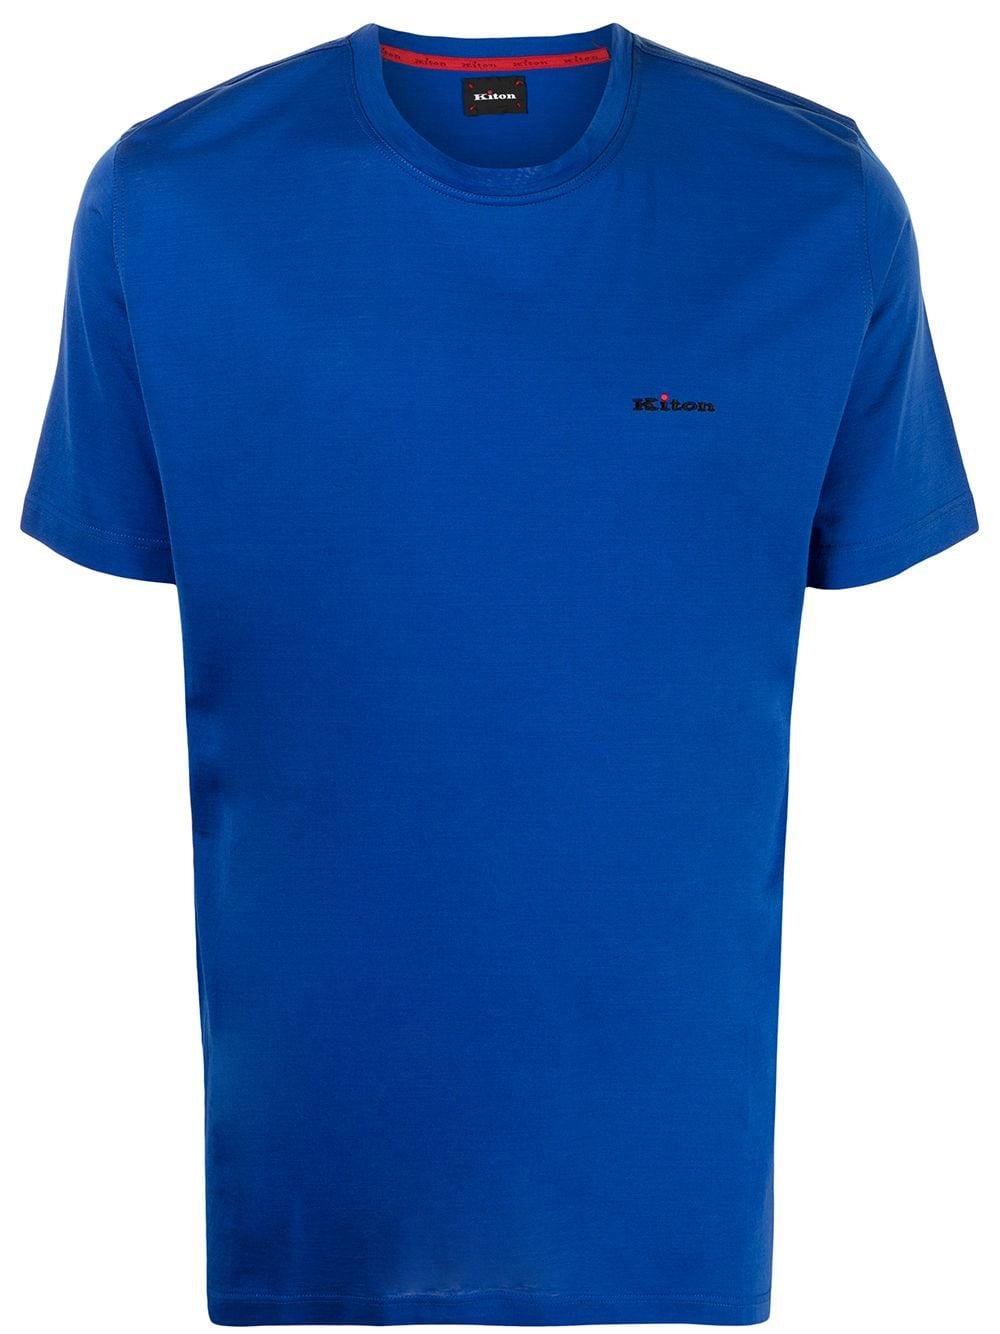 Kiton T-Shirt mit Logo-Stickerei - Blau